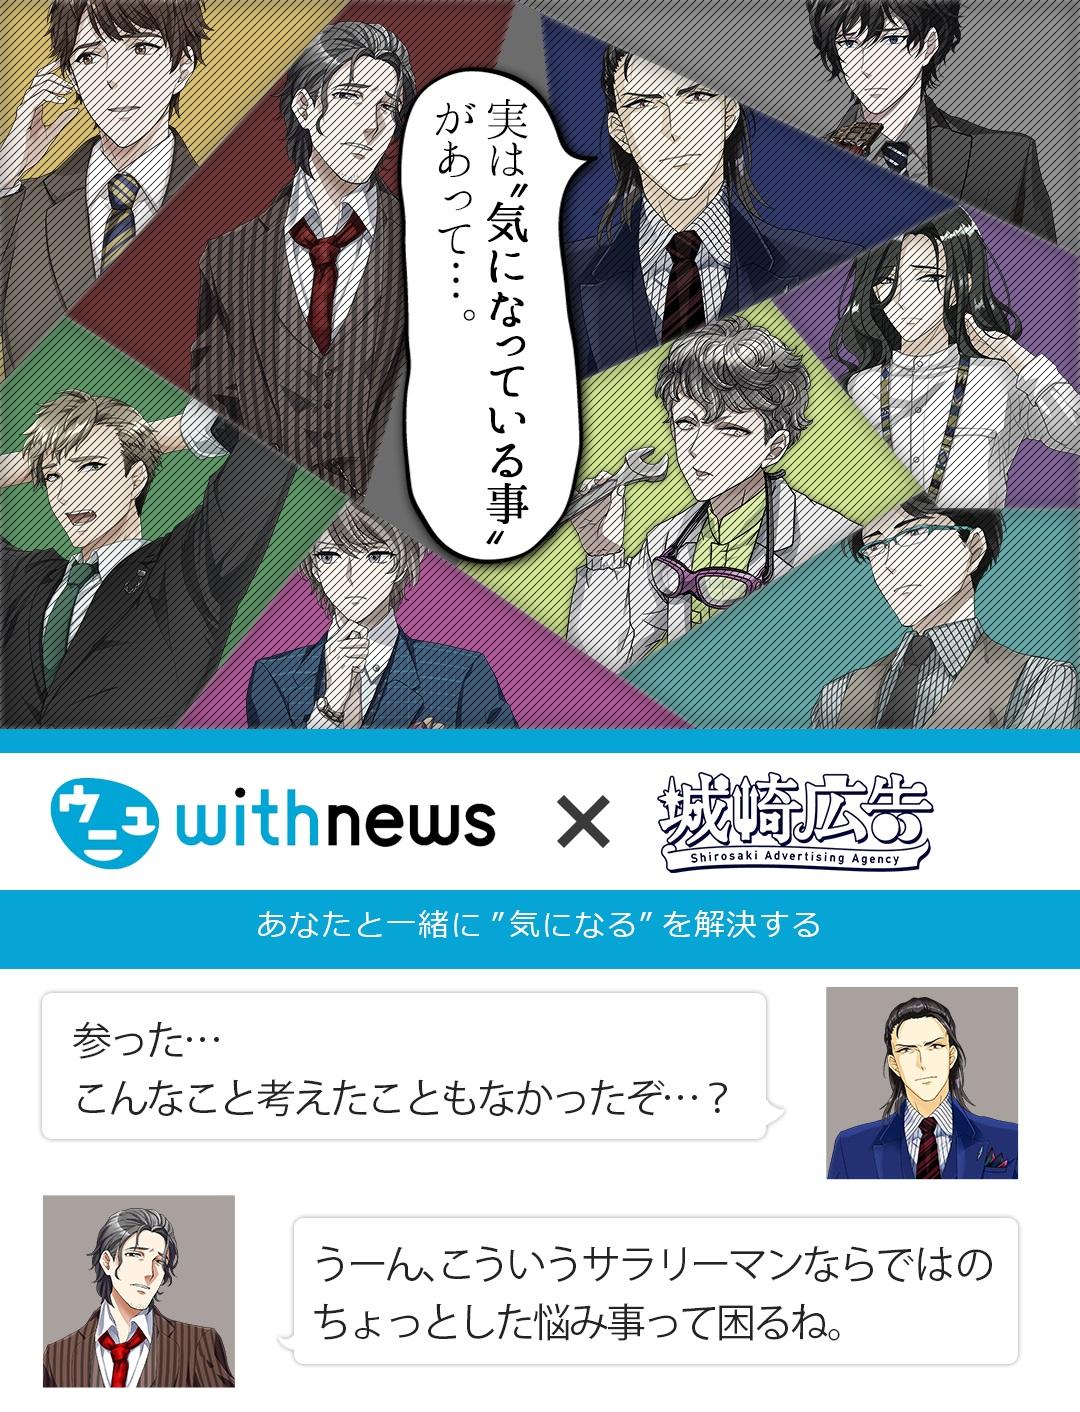 「城崎広告」×「withnews」ミニドラマ